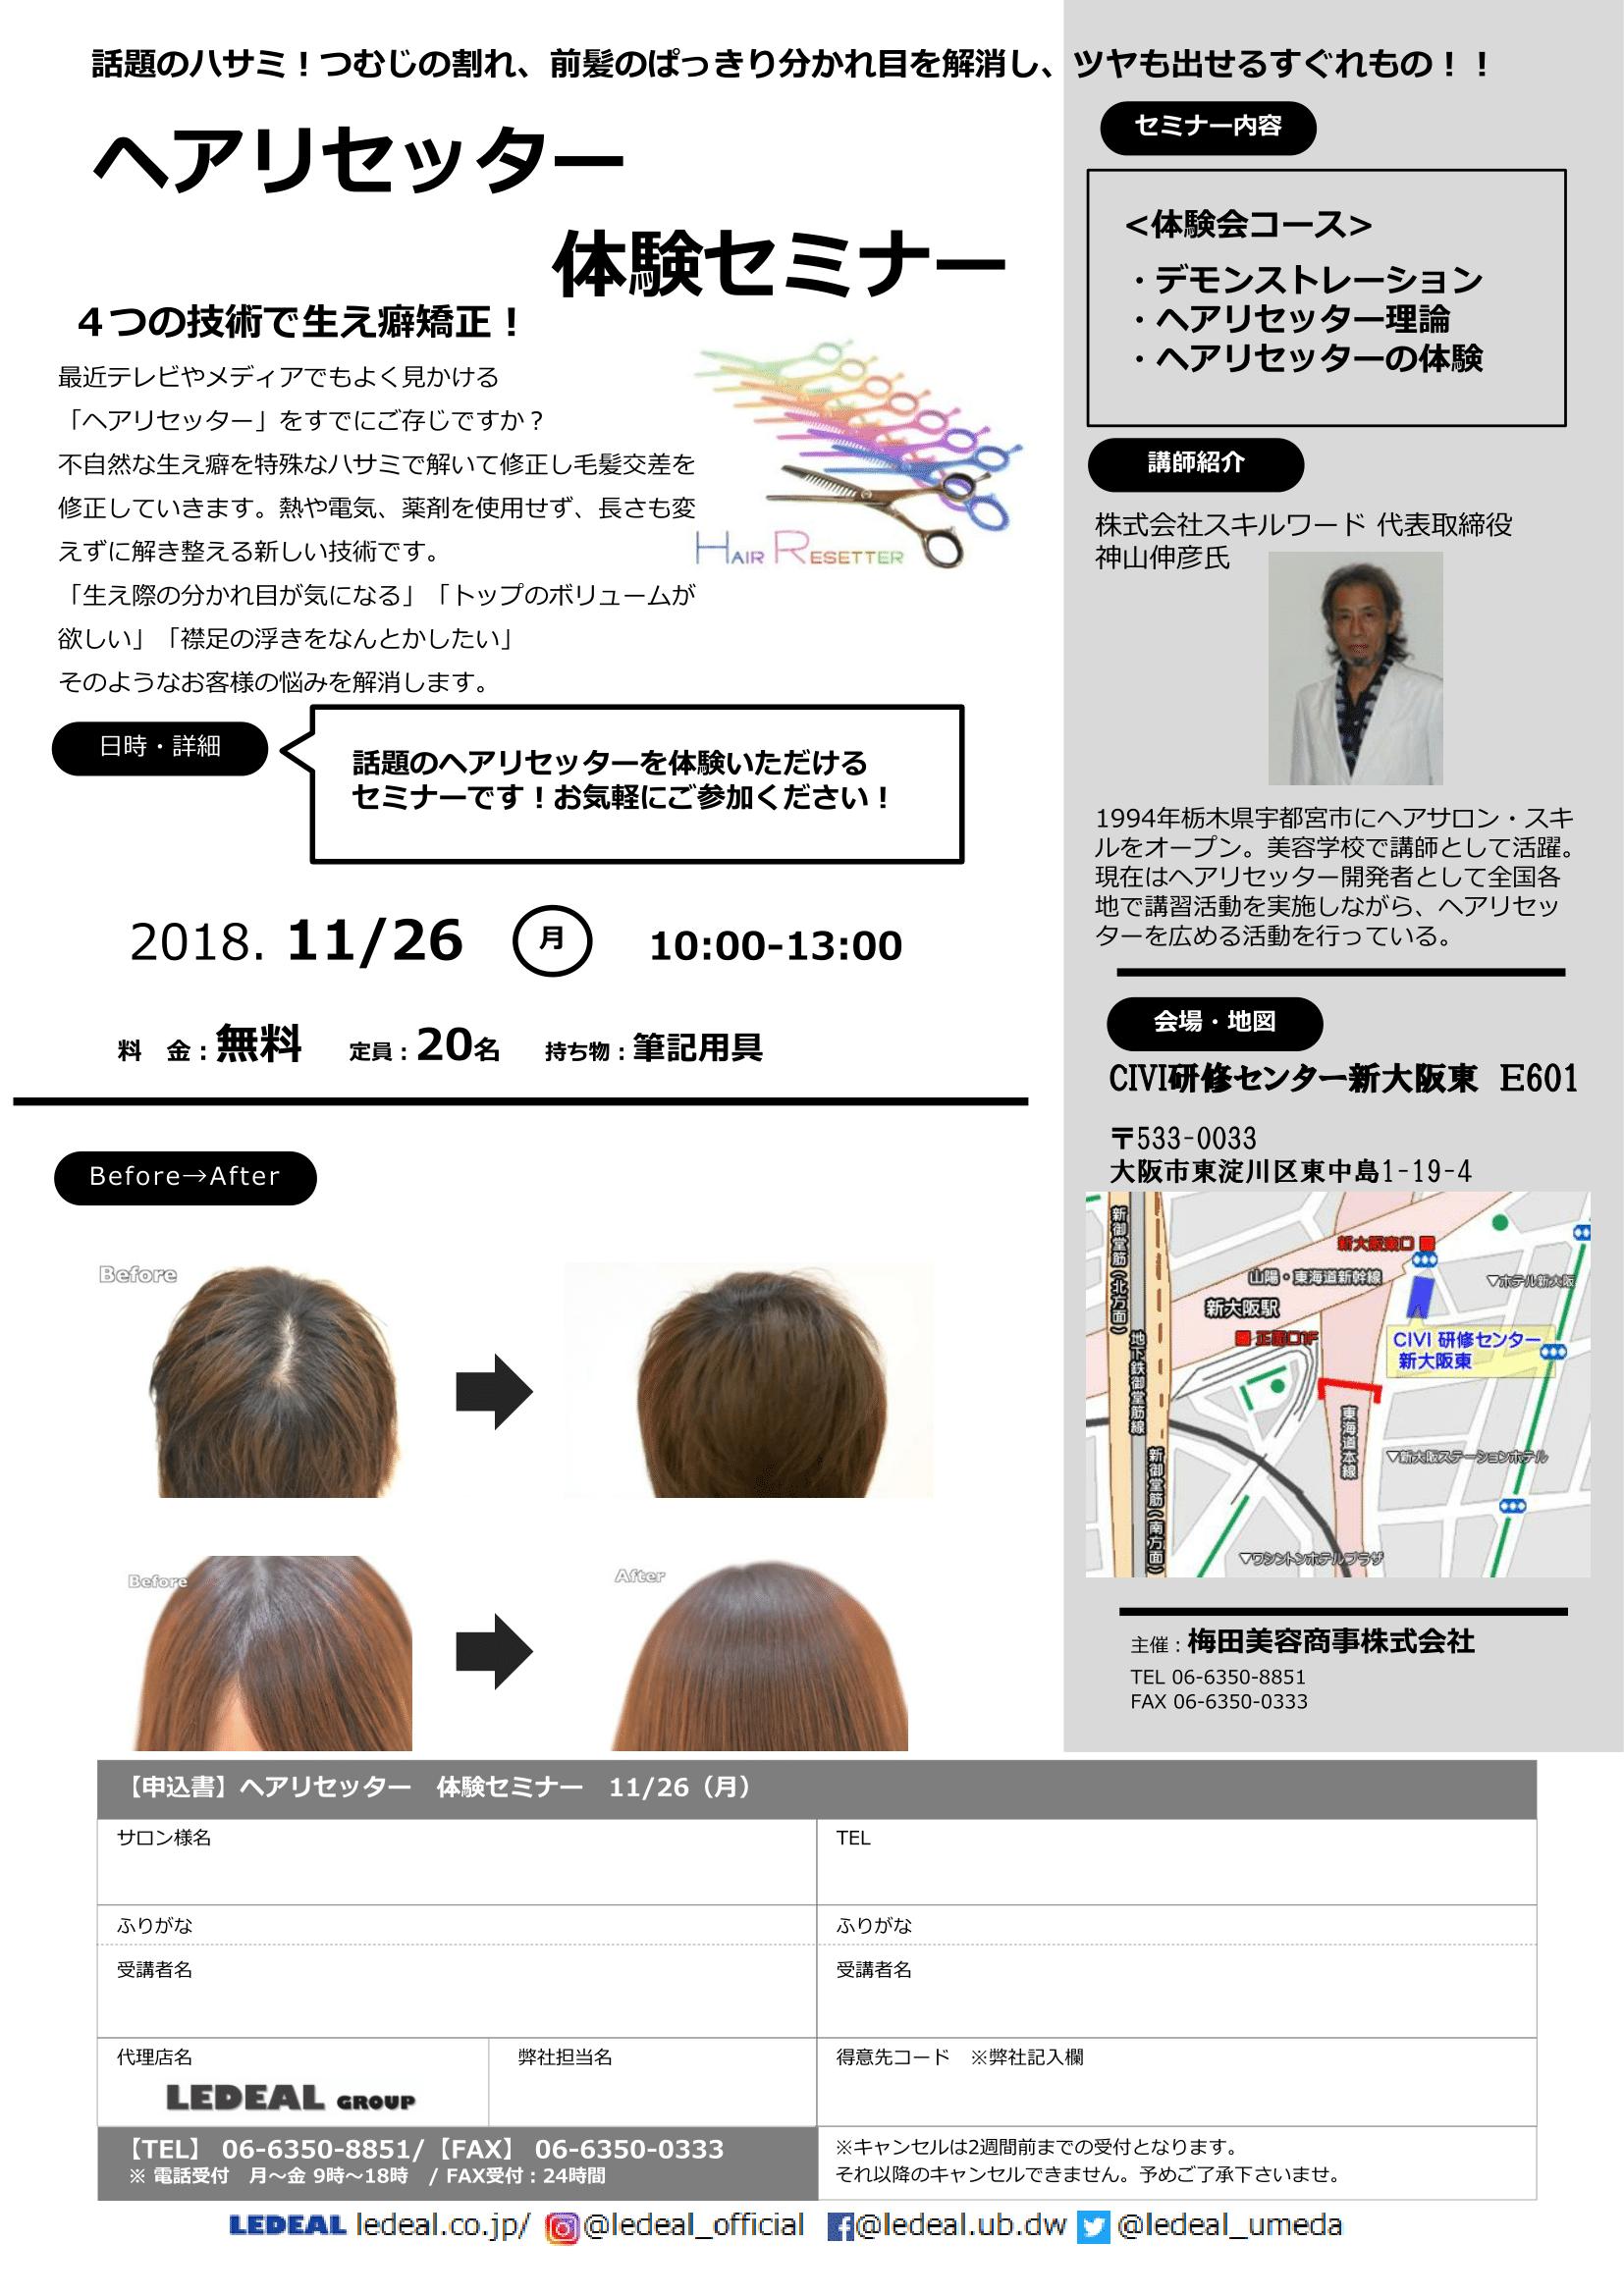 【大阪】ヘアリセッター 体験セミナー